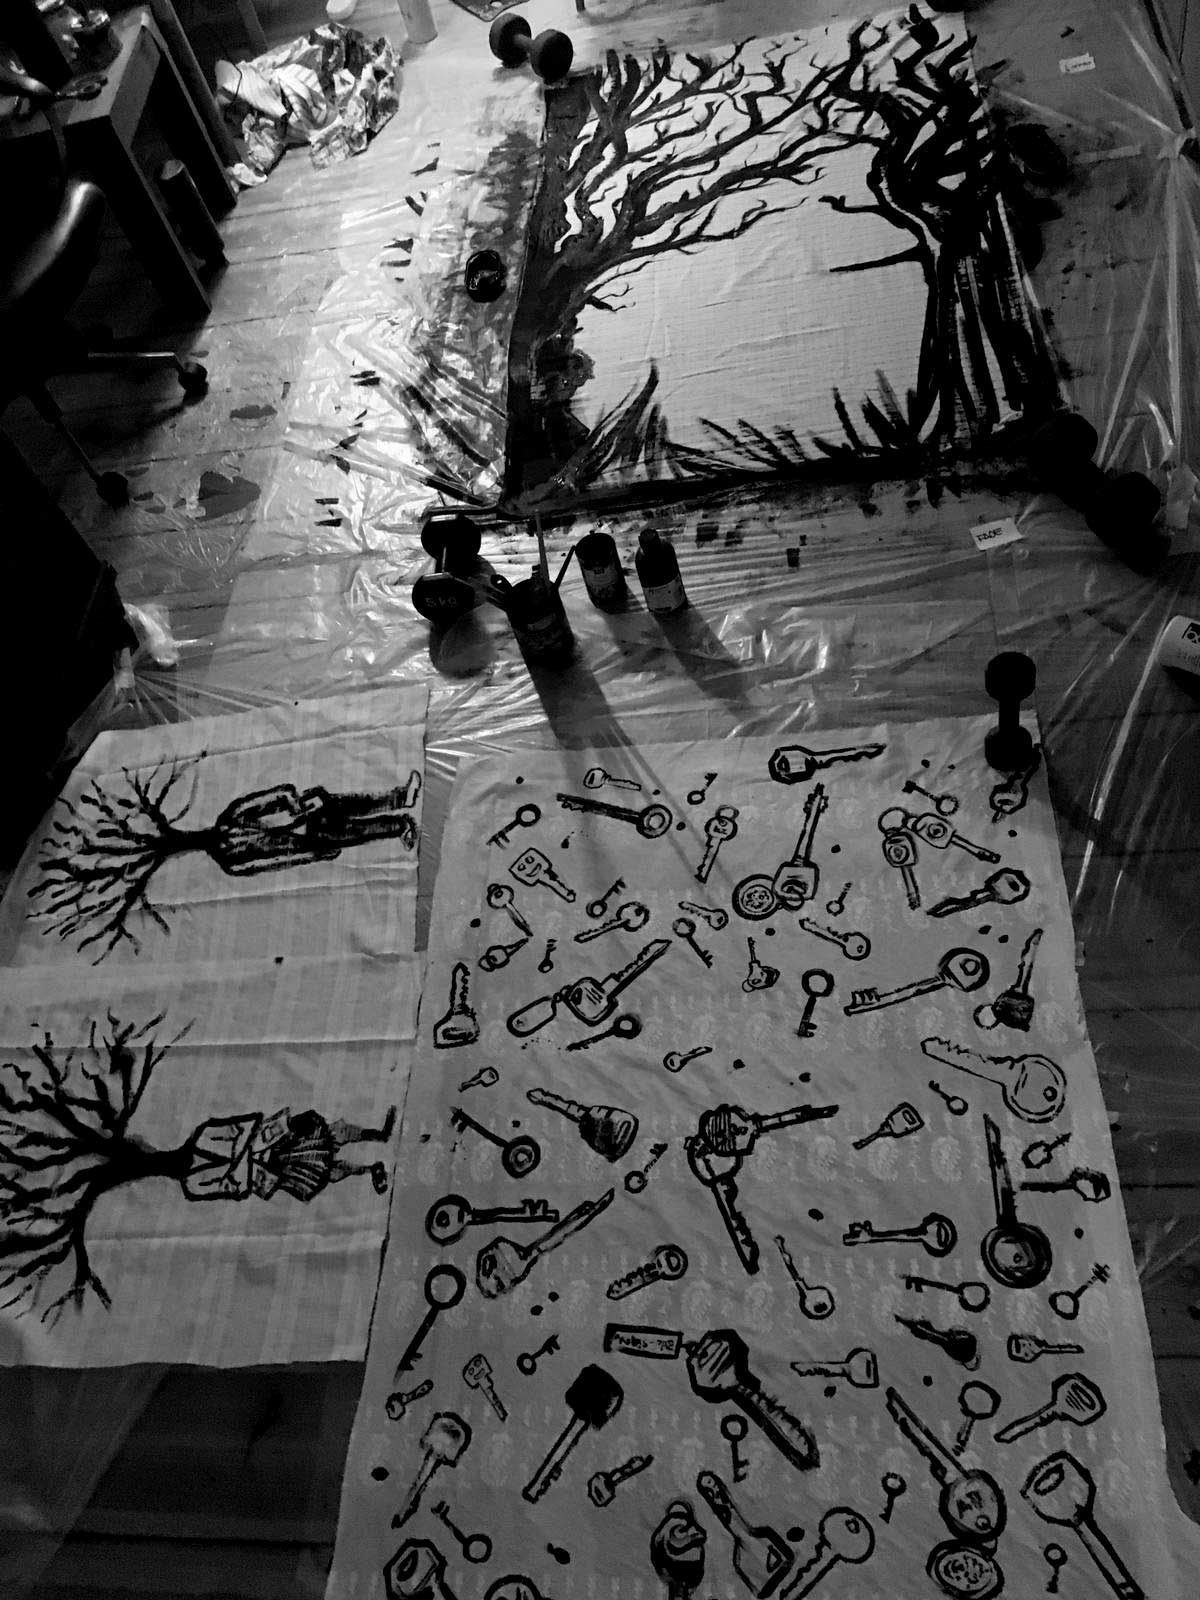 Melampo resilience collection at 10 Corso Como - installation - photo 5